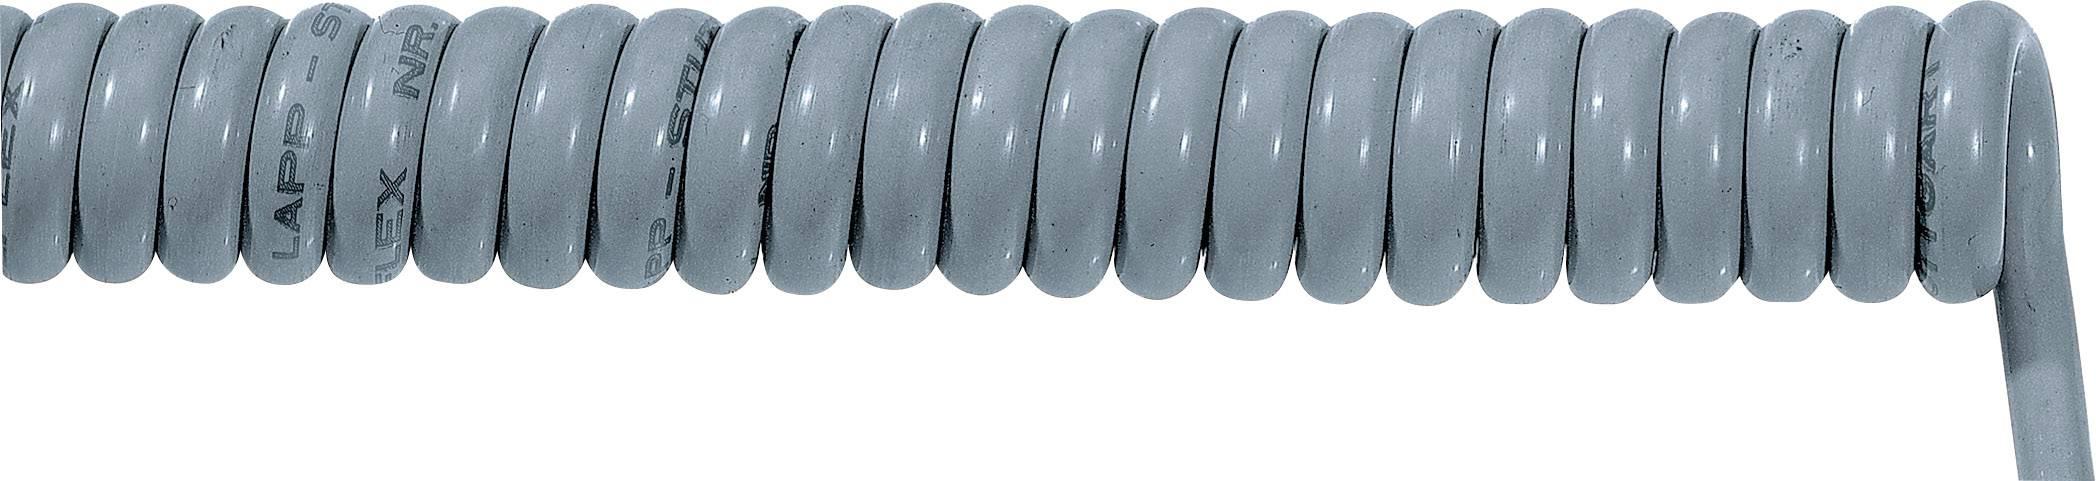 Špirálový kábel 70002625 ÖLFLEX® SPIRAL 400 P 2 x 0.75 mm², 2000 mm / 6000 mm, sivá